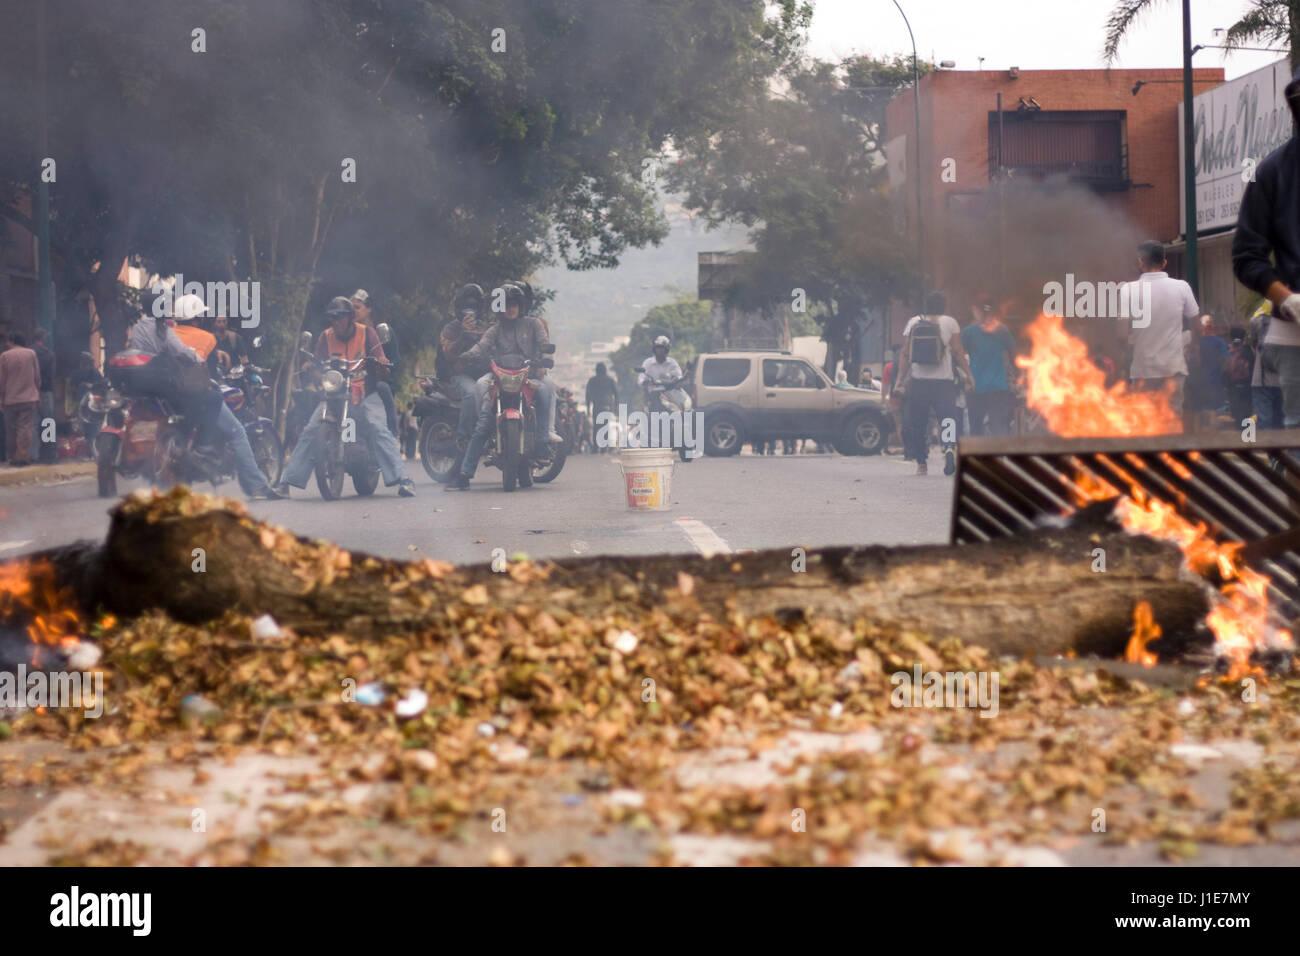 st. pauli barricade ile ilgili görsel sonucu